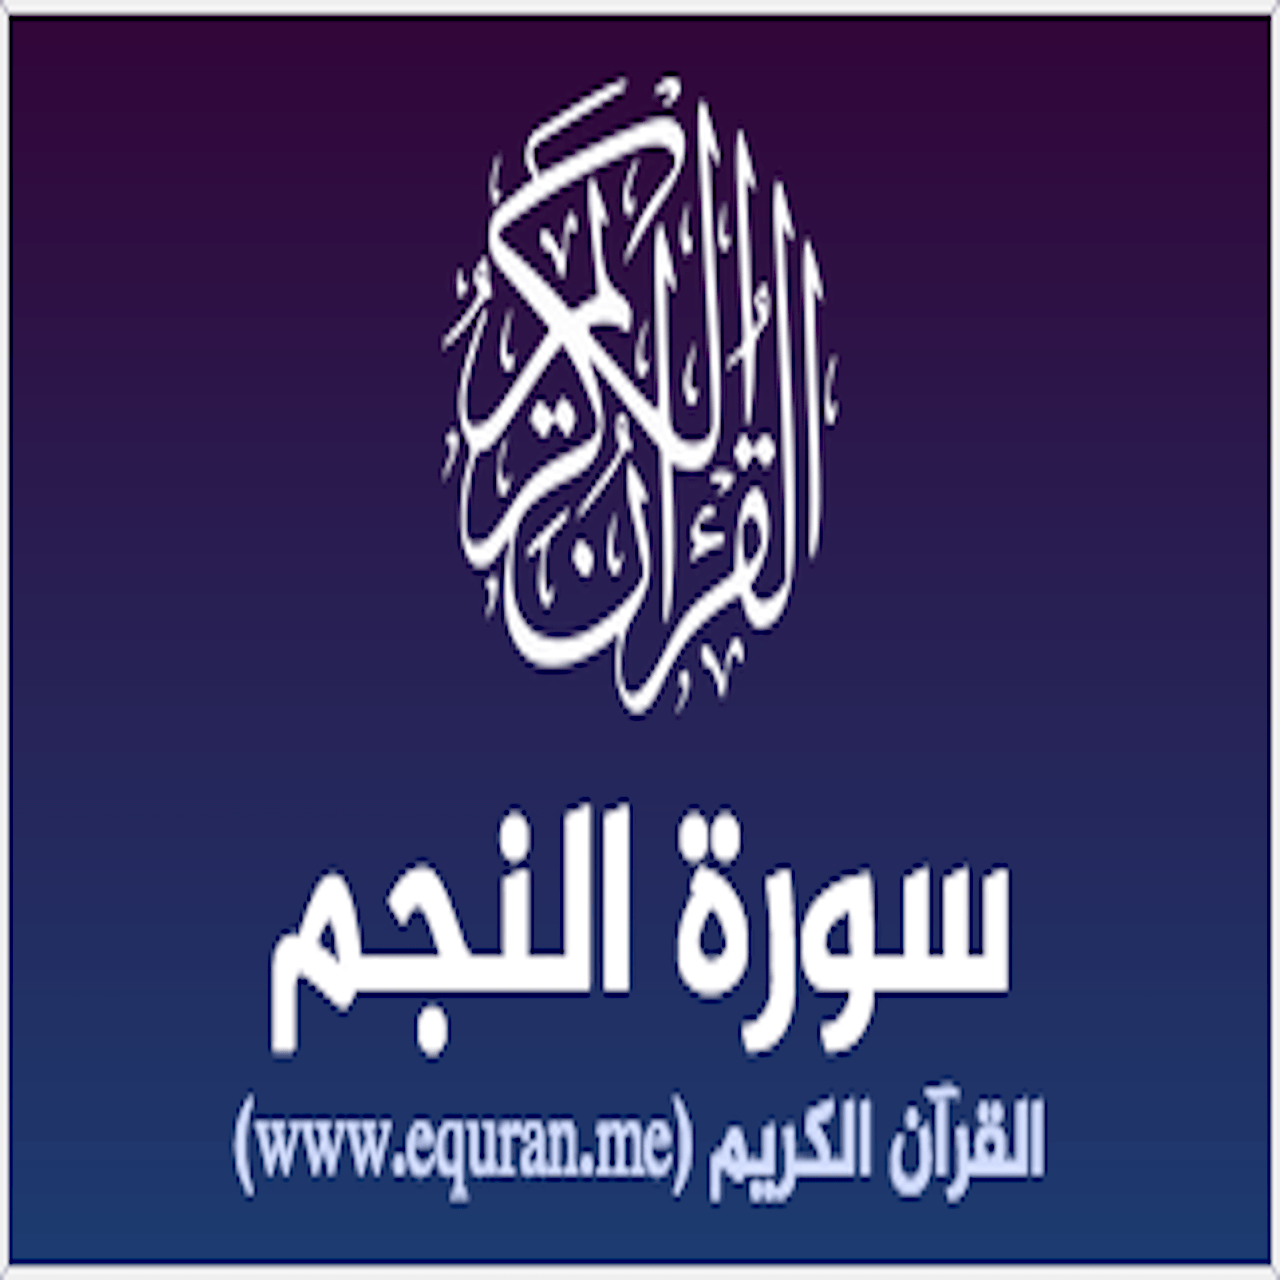 سورة النجم Annajm ماهر المعيقلي